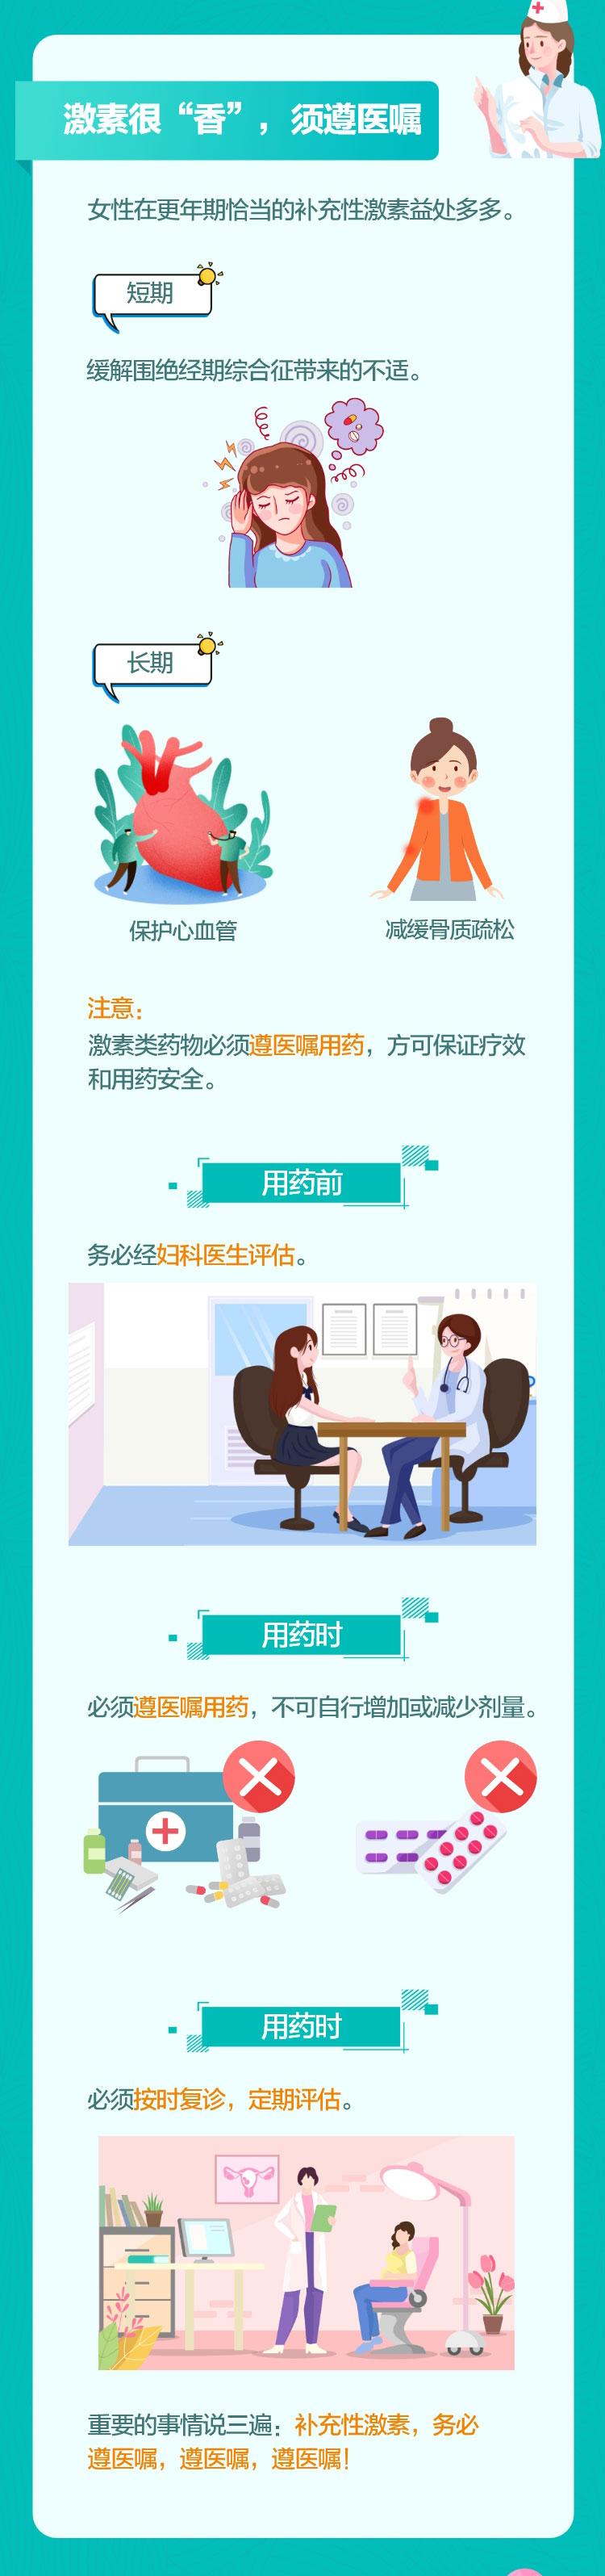 更年期安全用药长图终版_to药监局(0306)_03.jpg